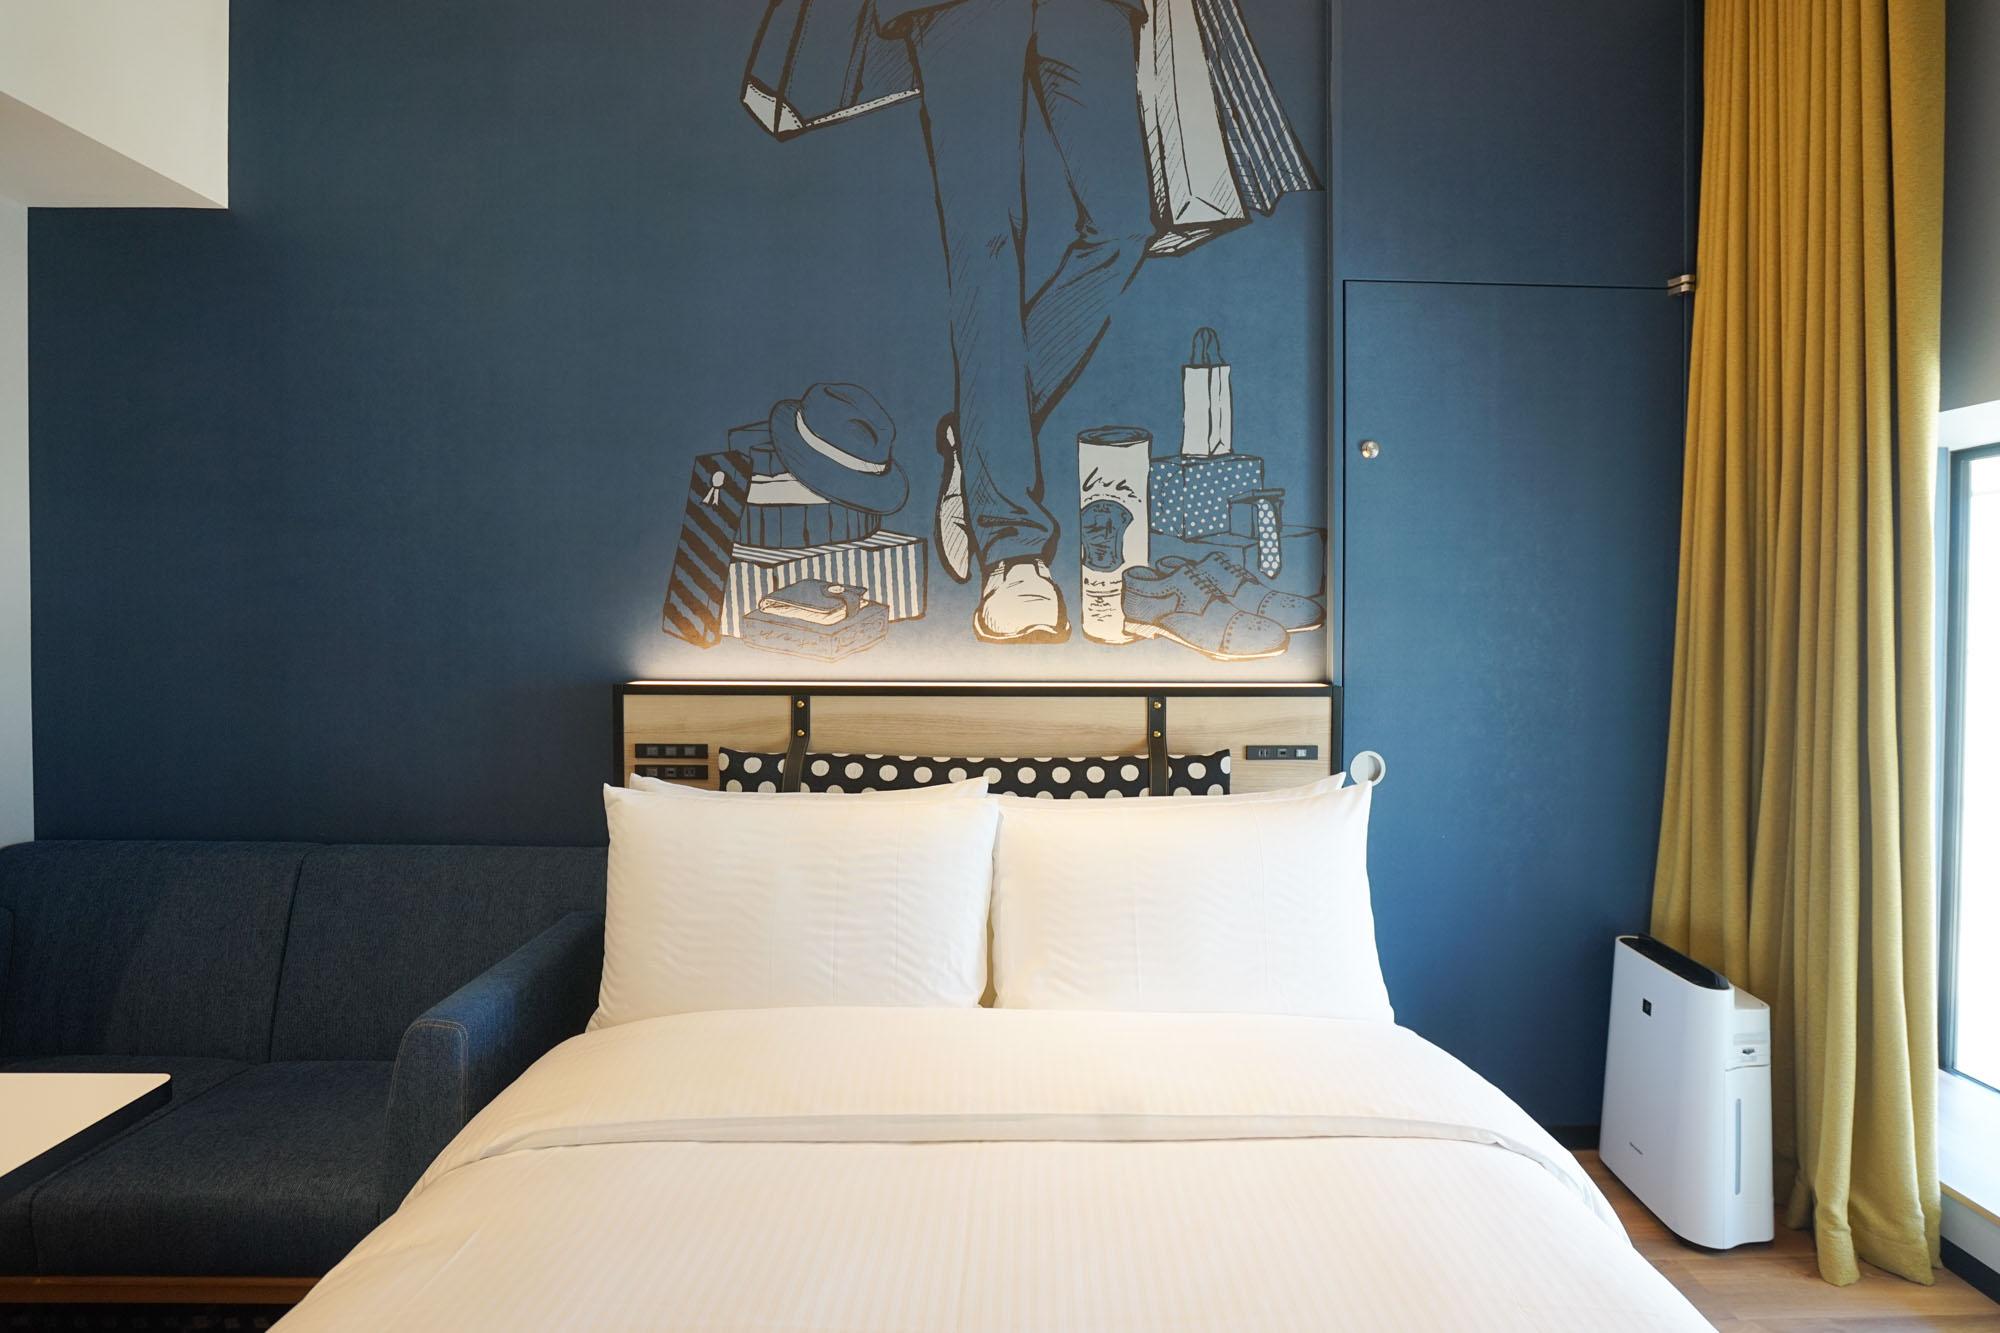 ふかふかのベッド。壁には、ショッピングをイメージしたアートが描かれています。大人っぽいのに可愛いデザインで、とても気に入ってしまいました。